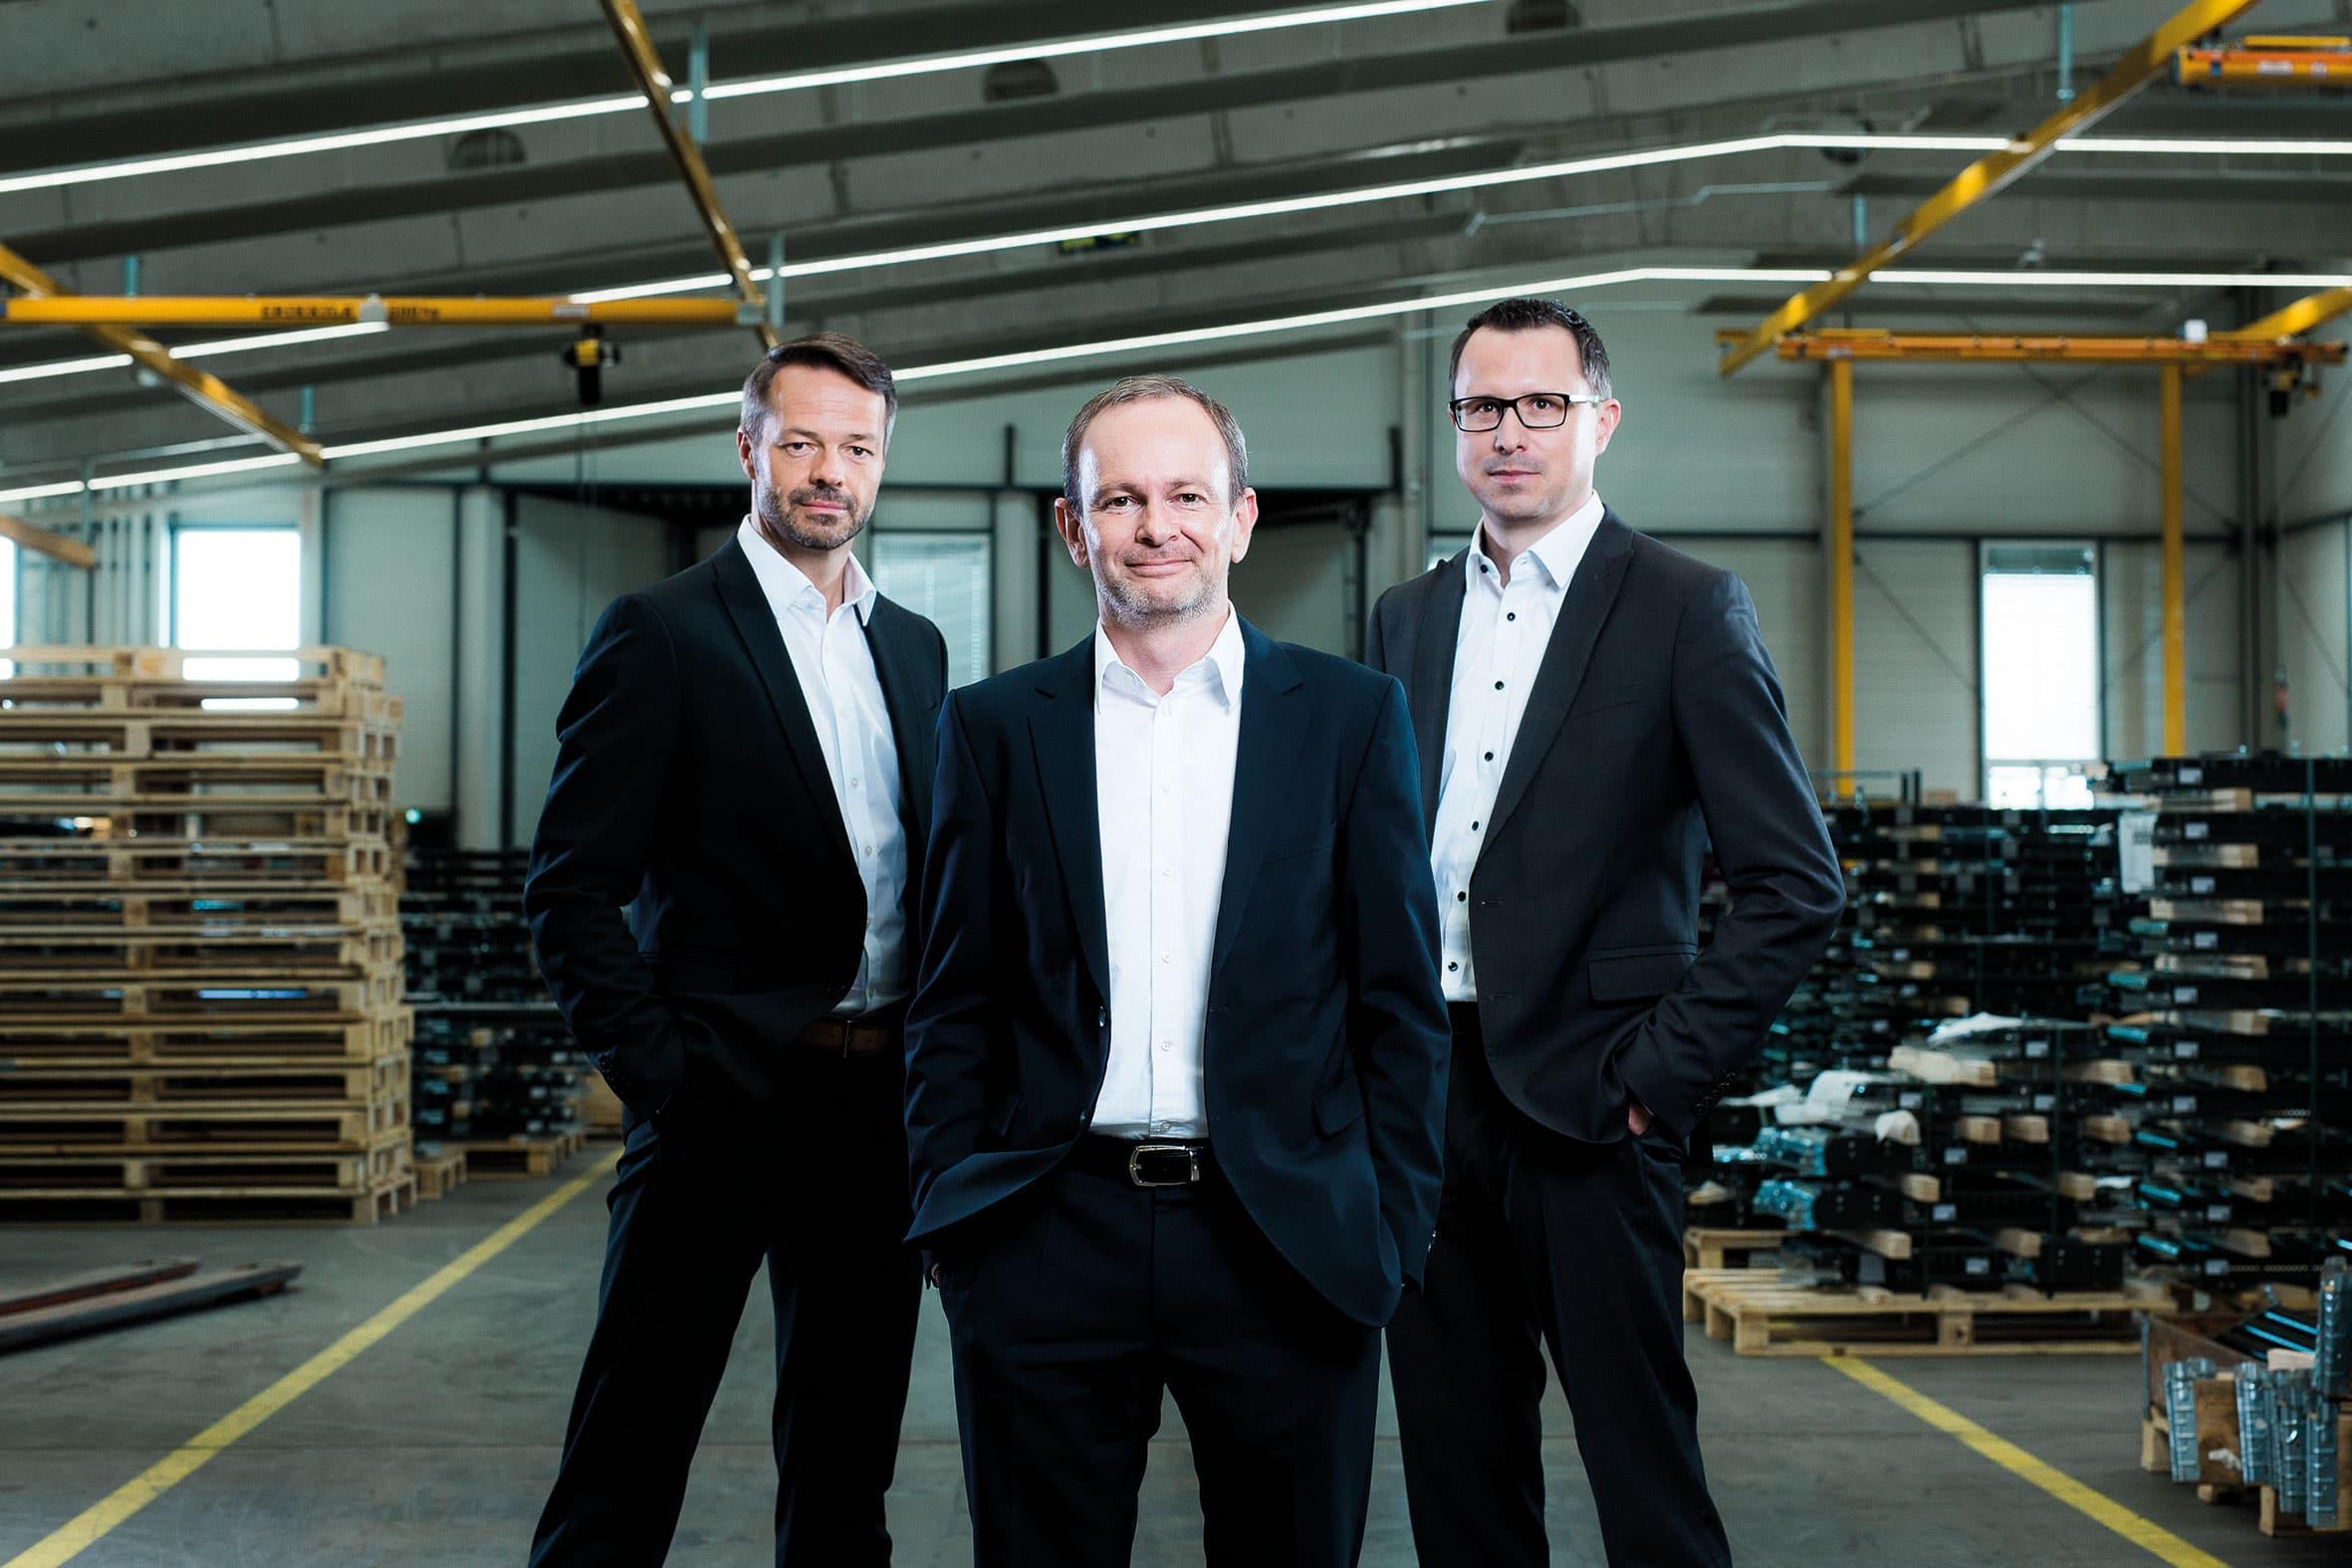 KNAPP AG mit bestem Wirtschaftsjahr der Unternehmensgeschichte